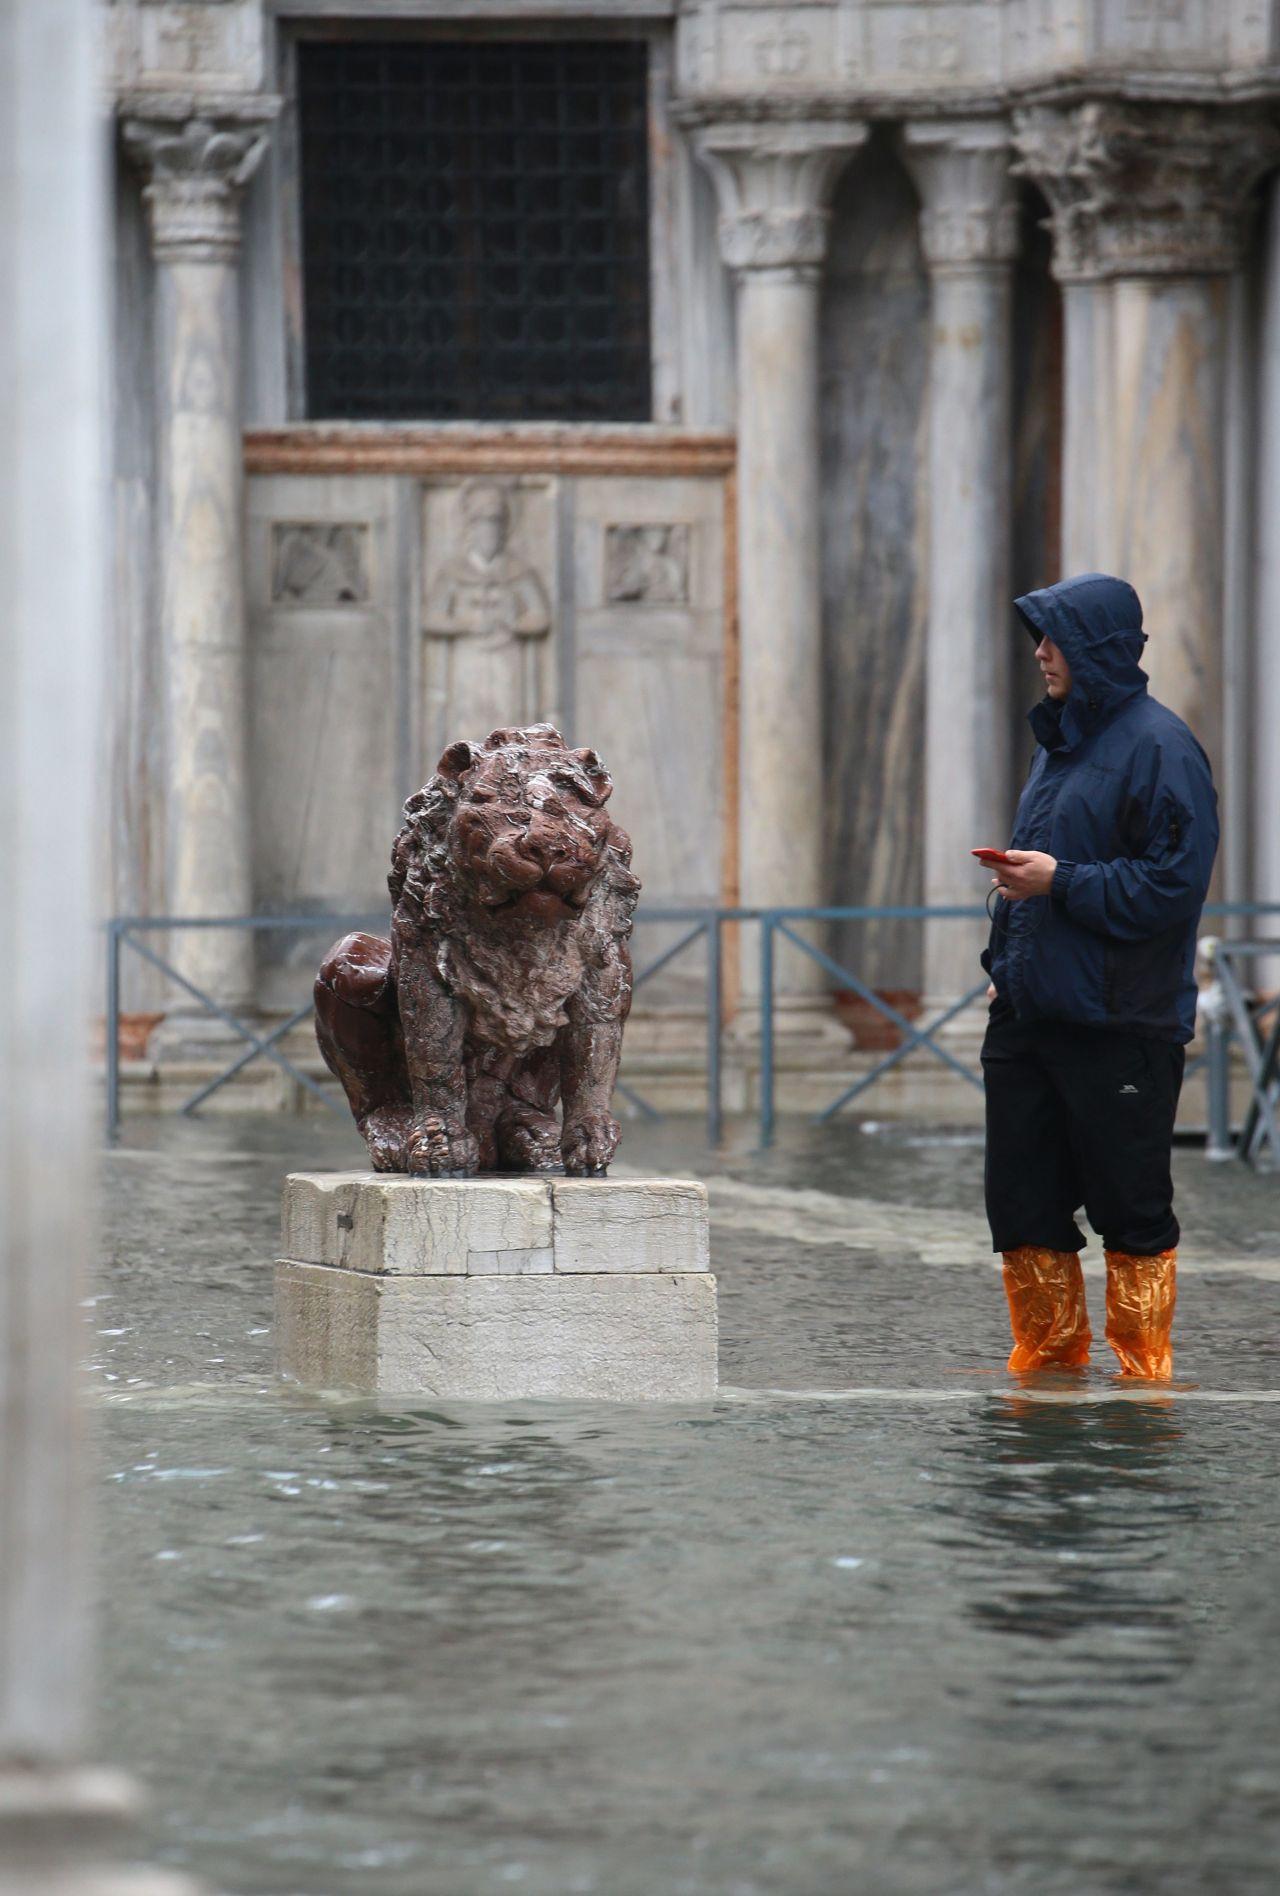 Dieser steinerne Löwe war dank seines Sockels sicher vor den Wassermassen.